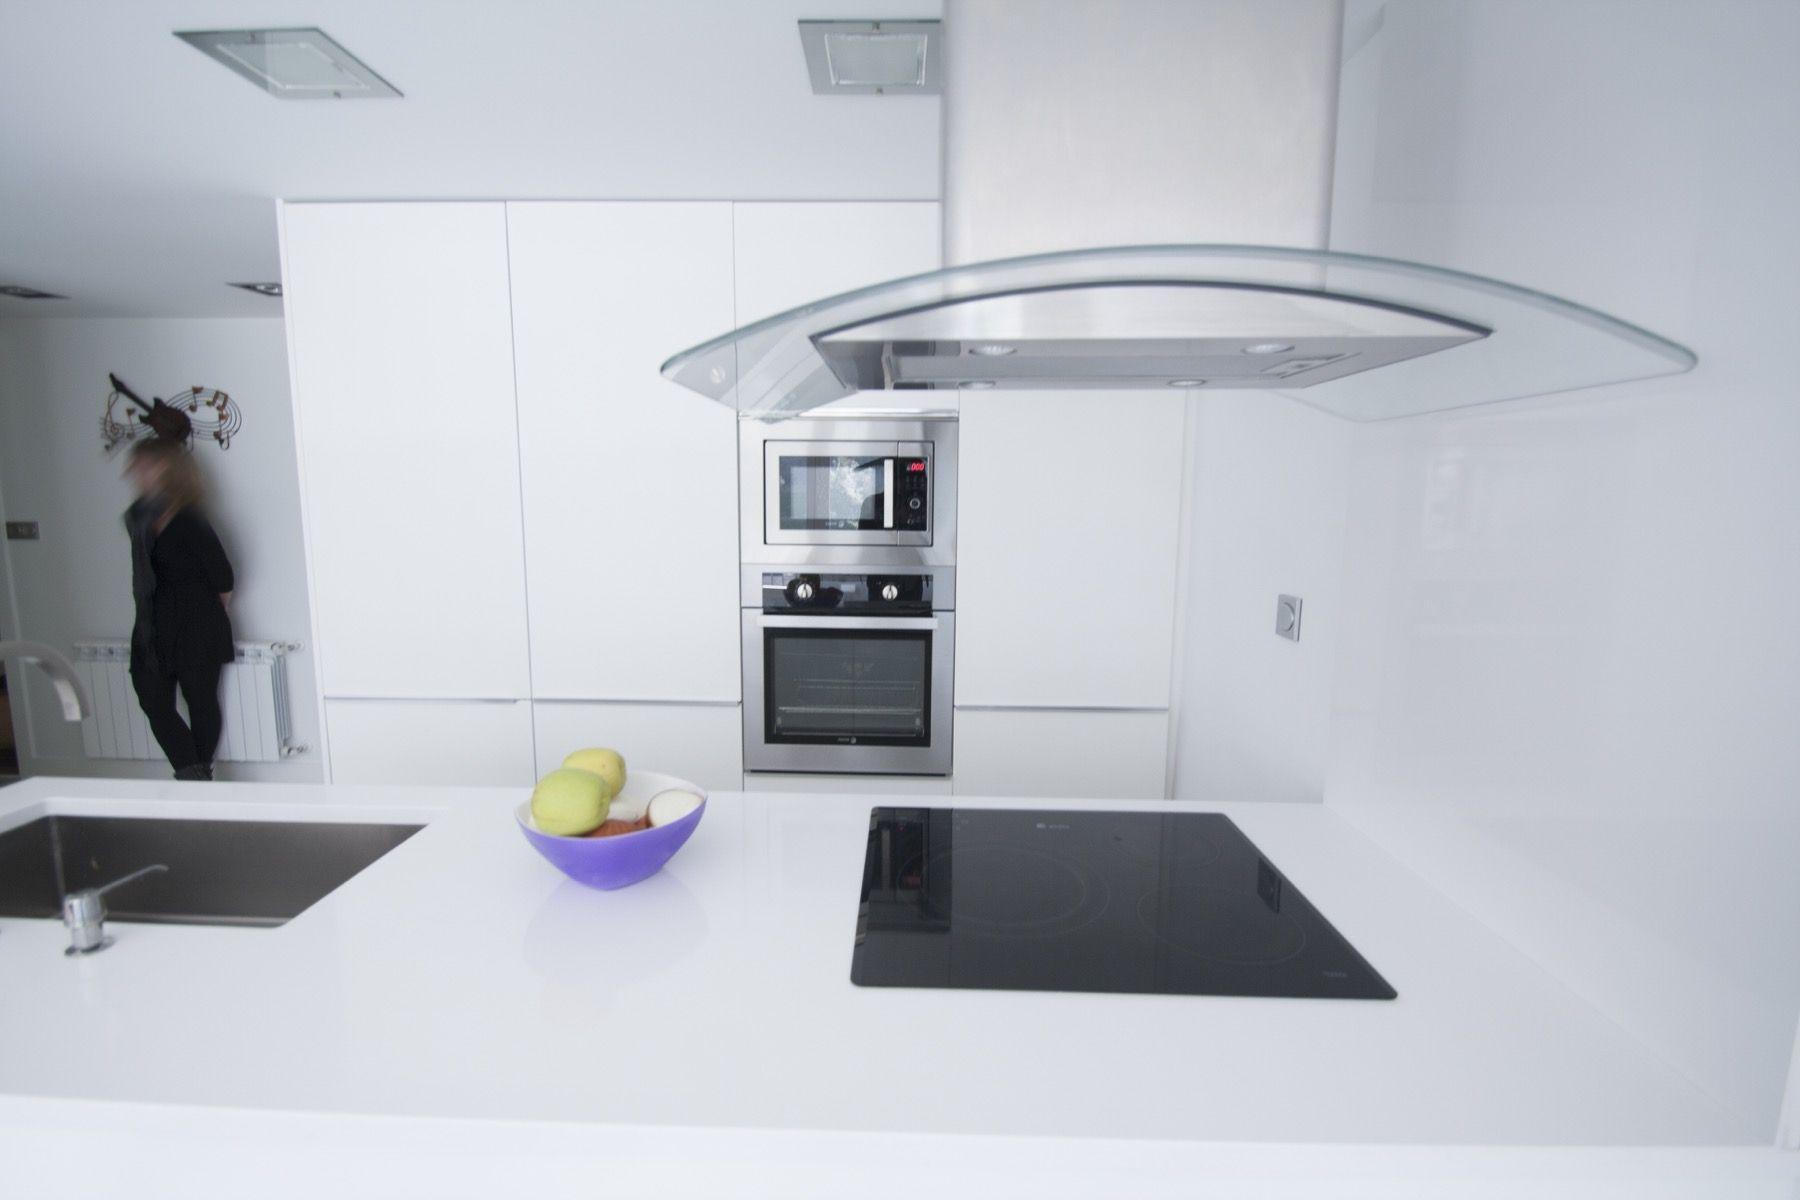 #Comedor #Cocina #Salon #moderno #decoracion via @planreforma #encimeras #barras de cocina #iluminacion #rehabilitación